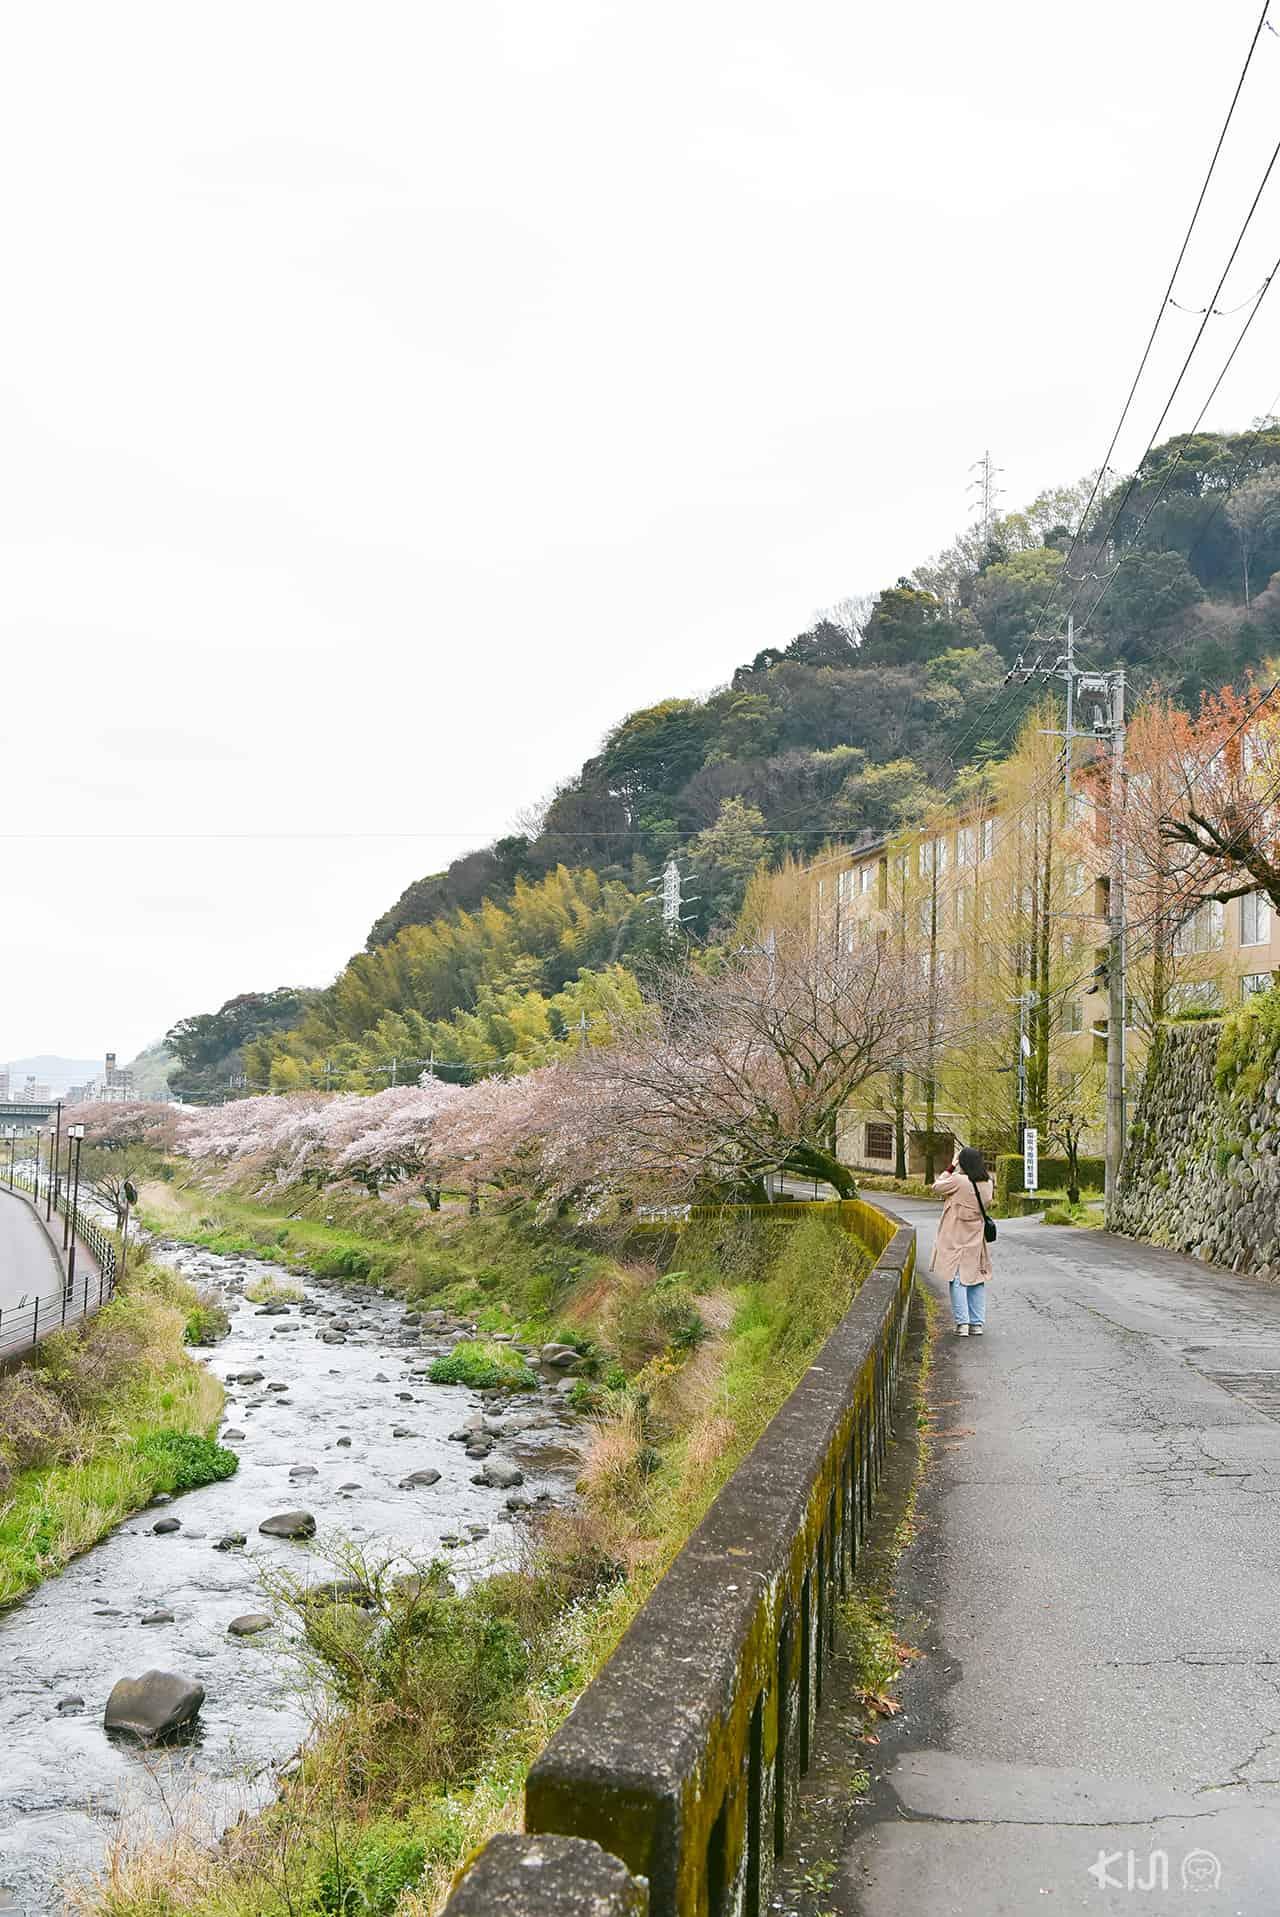 เดินเล่นริมแม่น้ำชิโตเสะ